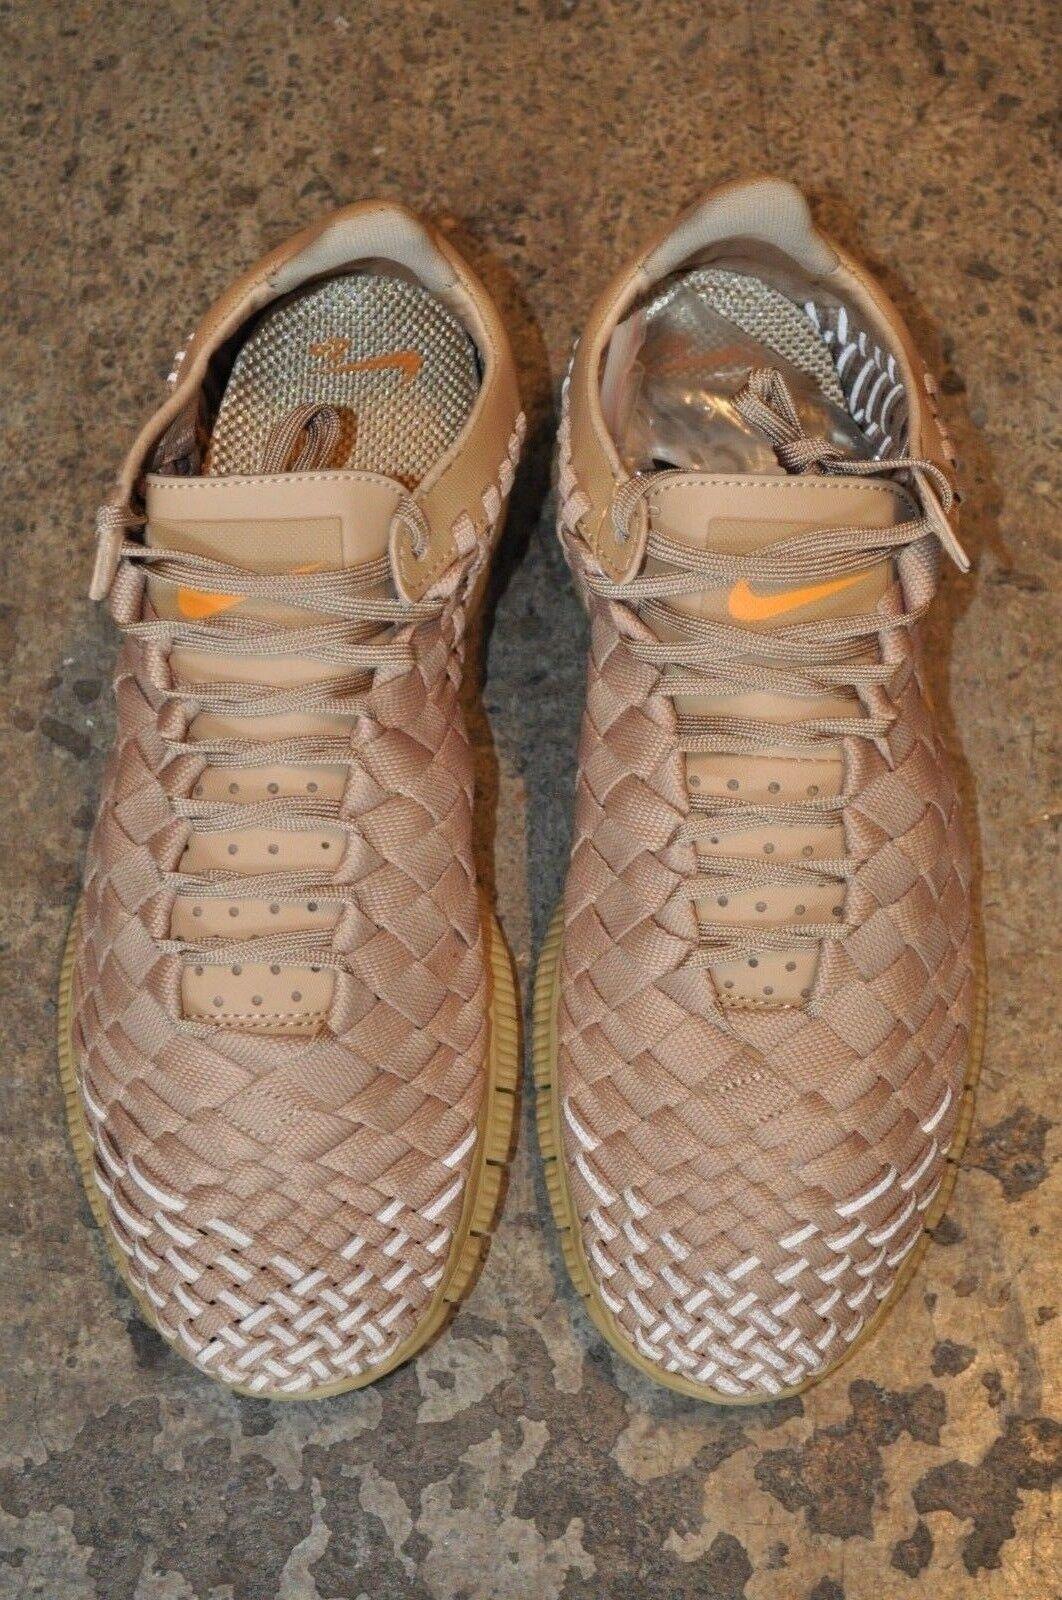 Nike Free Free Free Inneva Woven Tech SP-deserto/Deserto 7 EUR 8 US 8fa03c